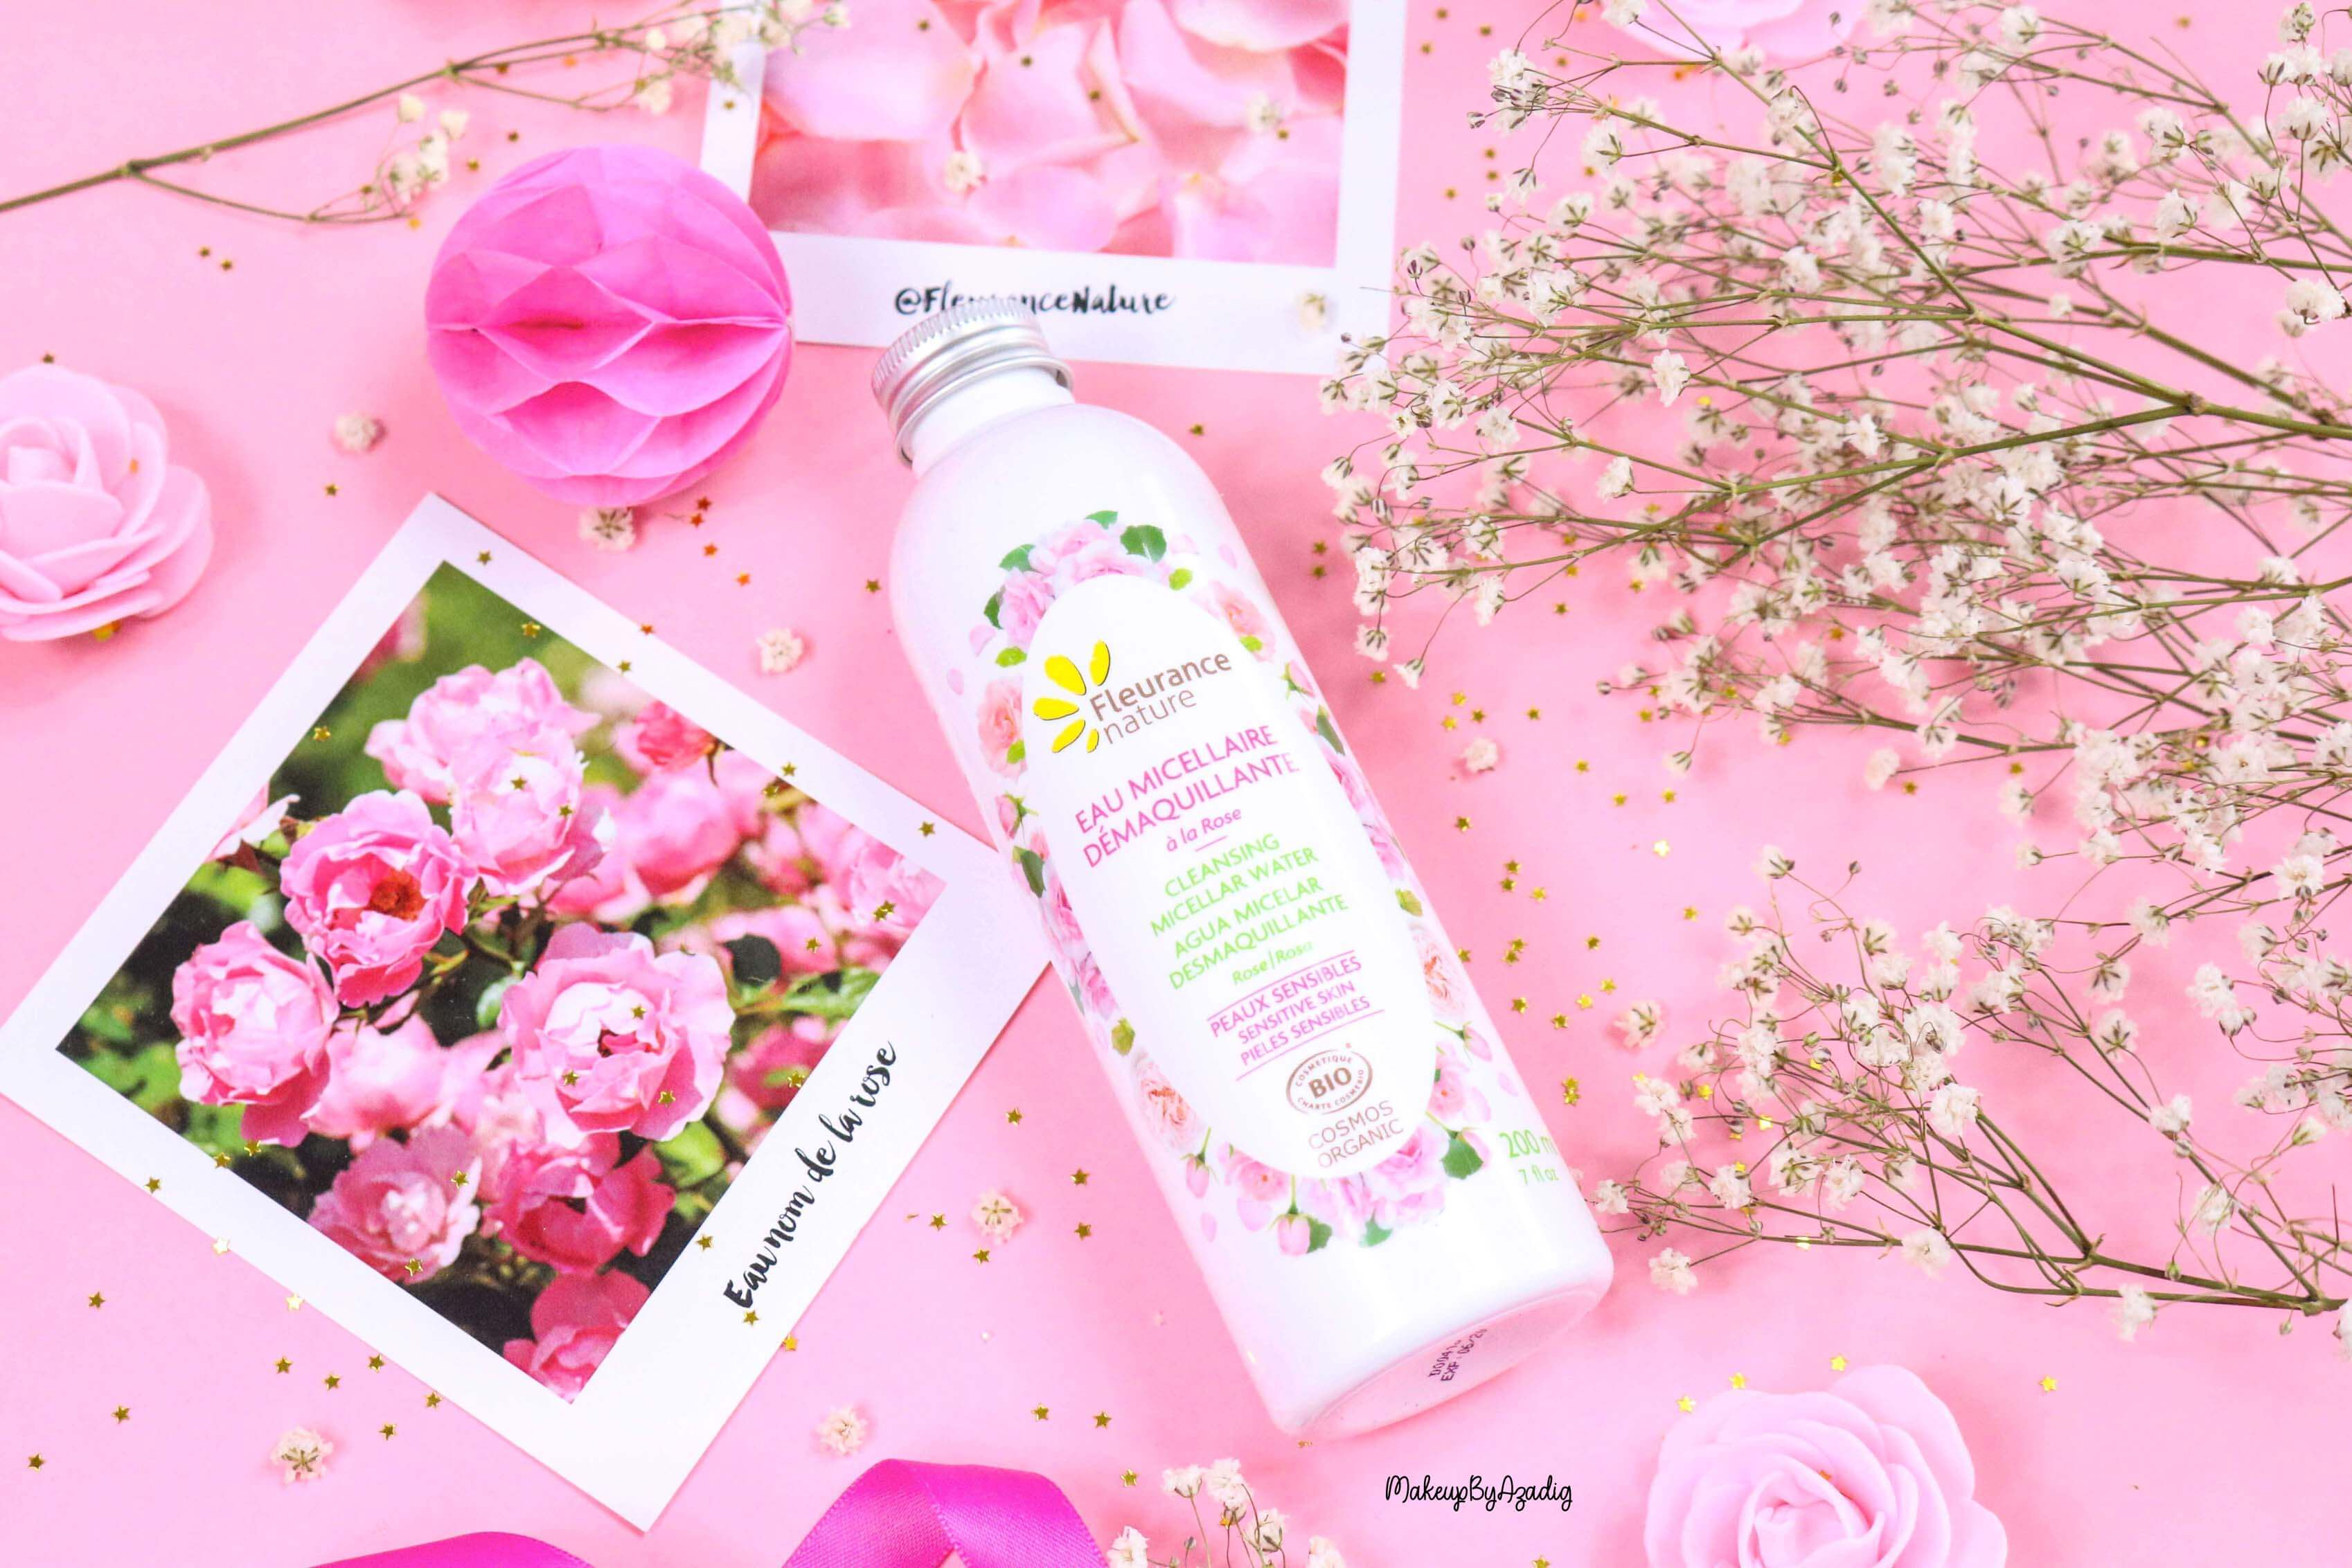 revue-eau-micellaire-demaquillante-eau-florale-rose-fleurance-nature-demaquillage-parfait-peau-acneique-makeupbyazadig-avis-prix-promo-roses